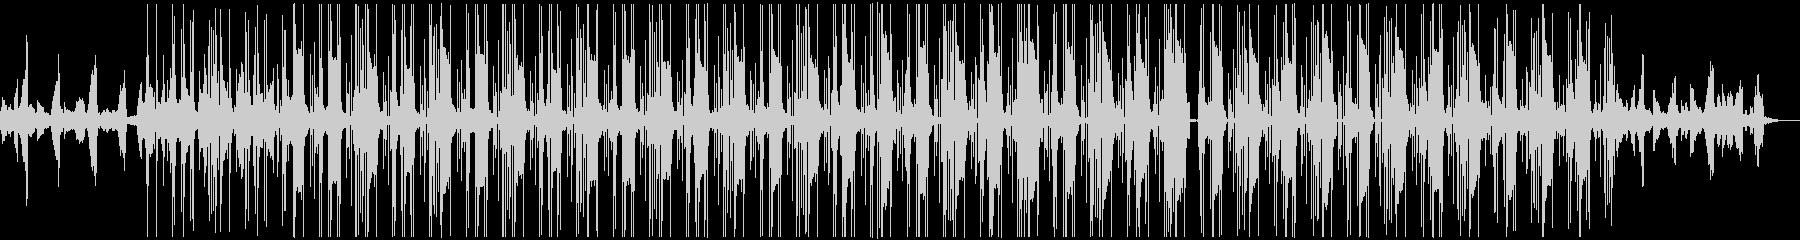 切ない HIPHOP R&B BGMの未再生の波形